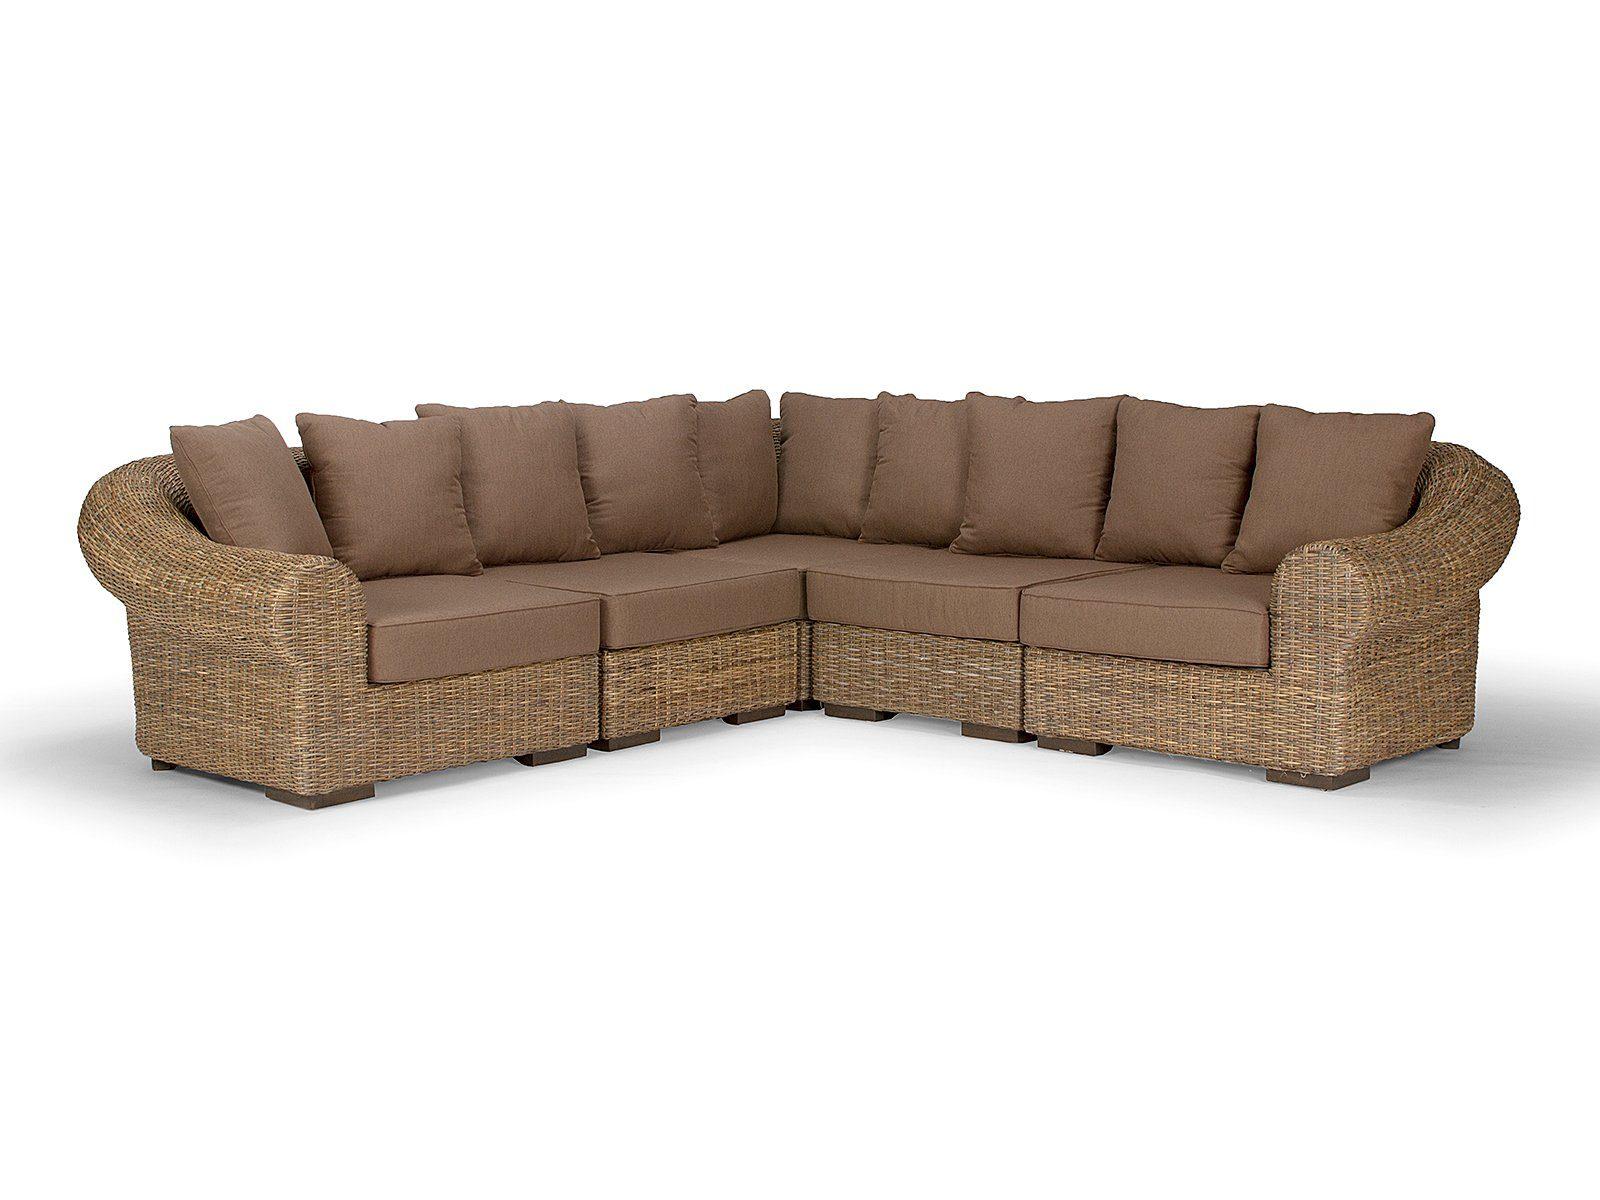 massivum Sofa aus Kubu-Rattan »Dane«